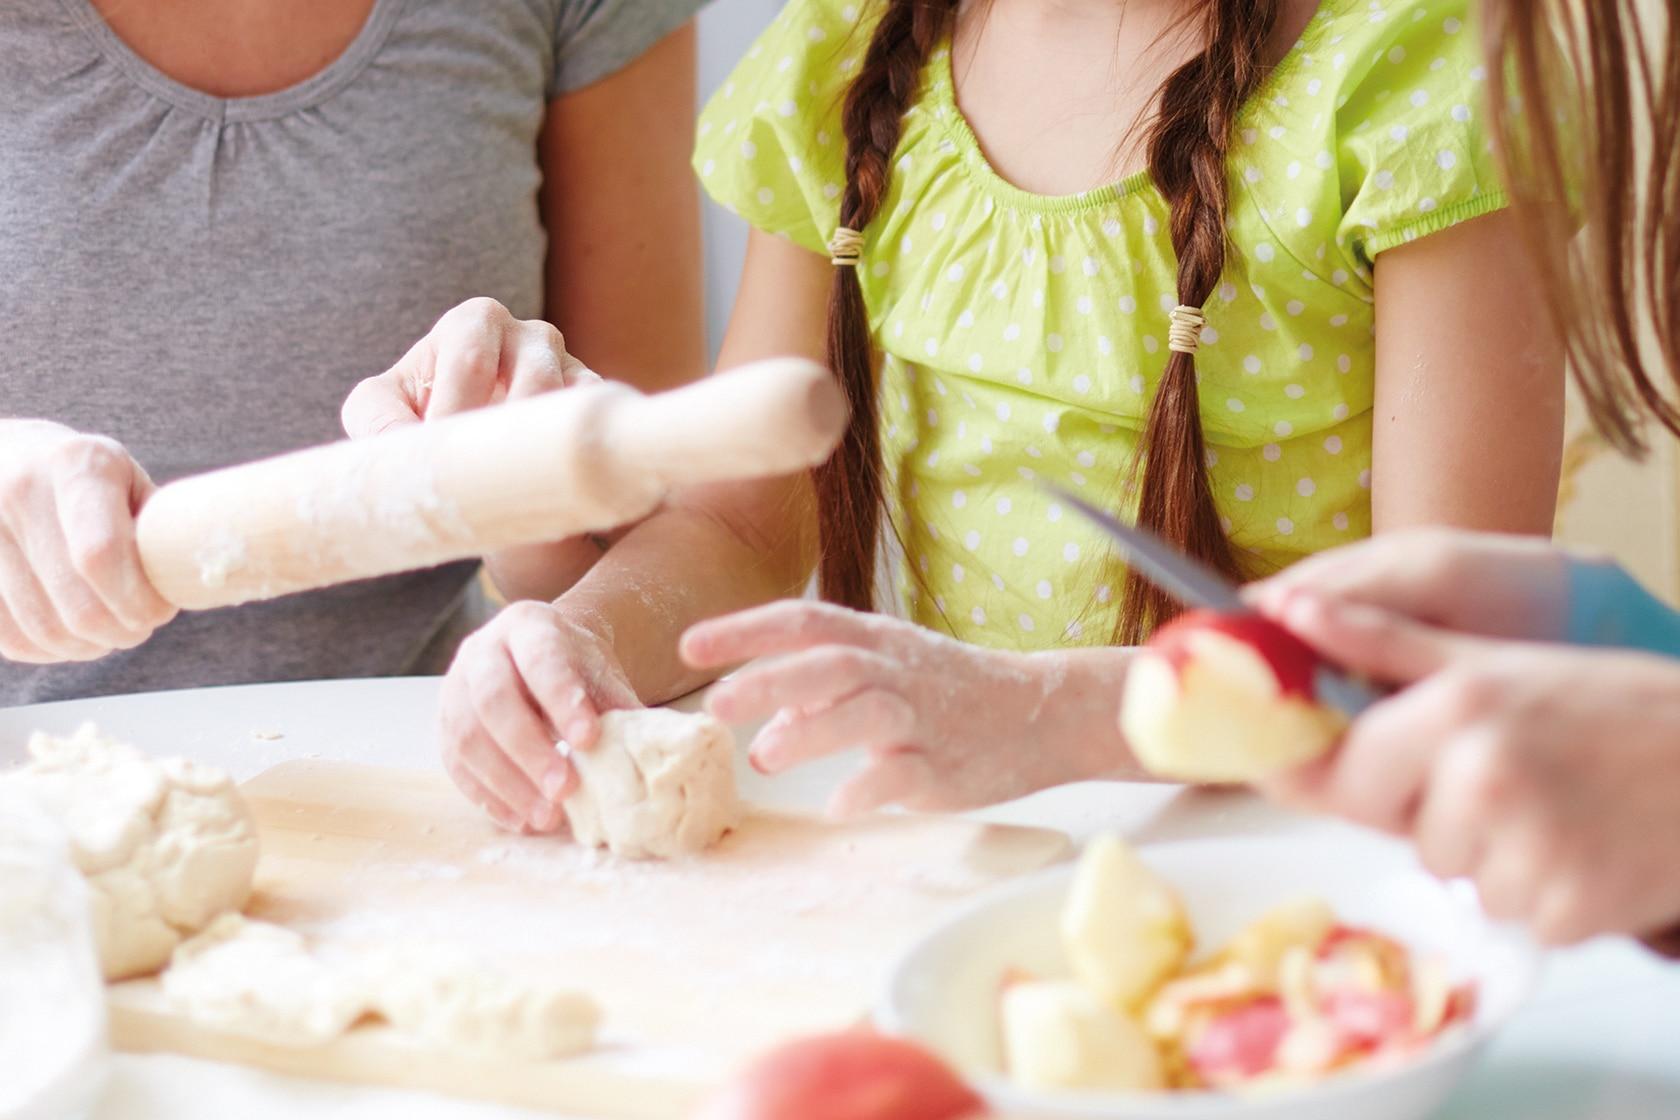 Les lieux d'accueil - confection de patisseries - École Expérimentale de Bonneuil